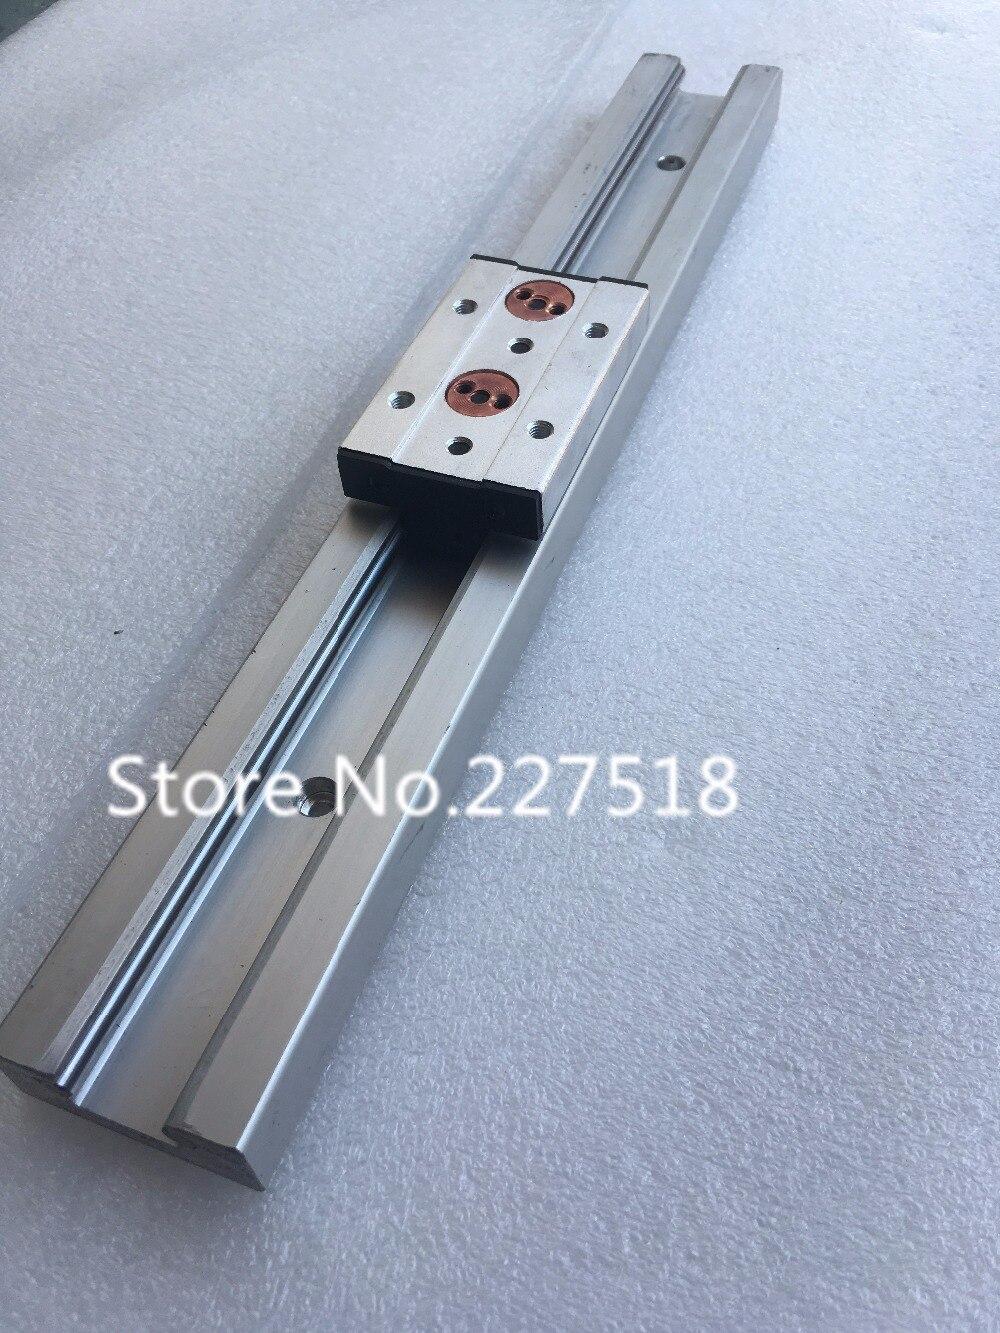 1 pcs Double axe rouleau linéaire guide SGR20 L600mm + 1 pcs SGB20UU bloc multi axe core linear Motion glisser rail auminum guide